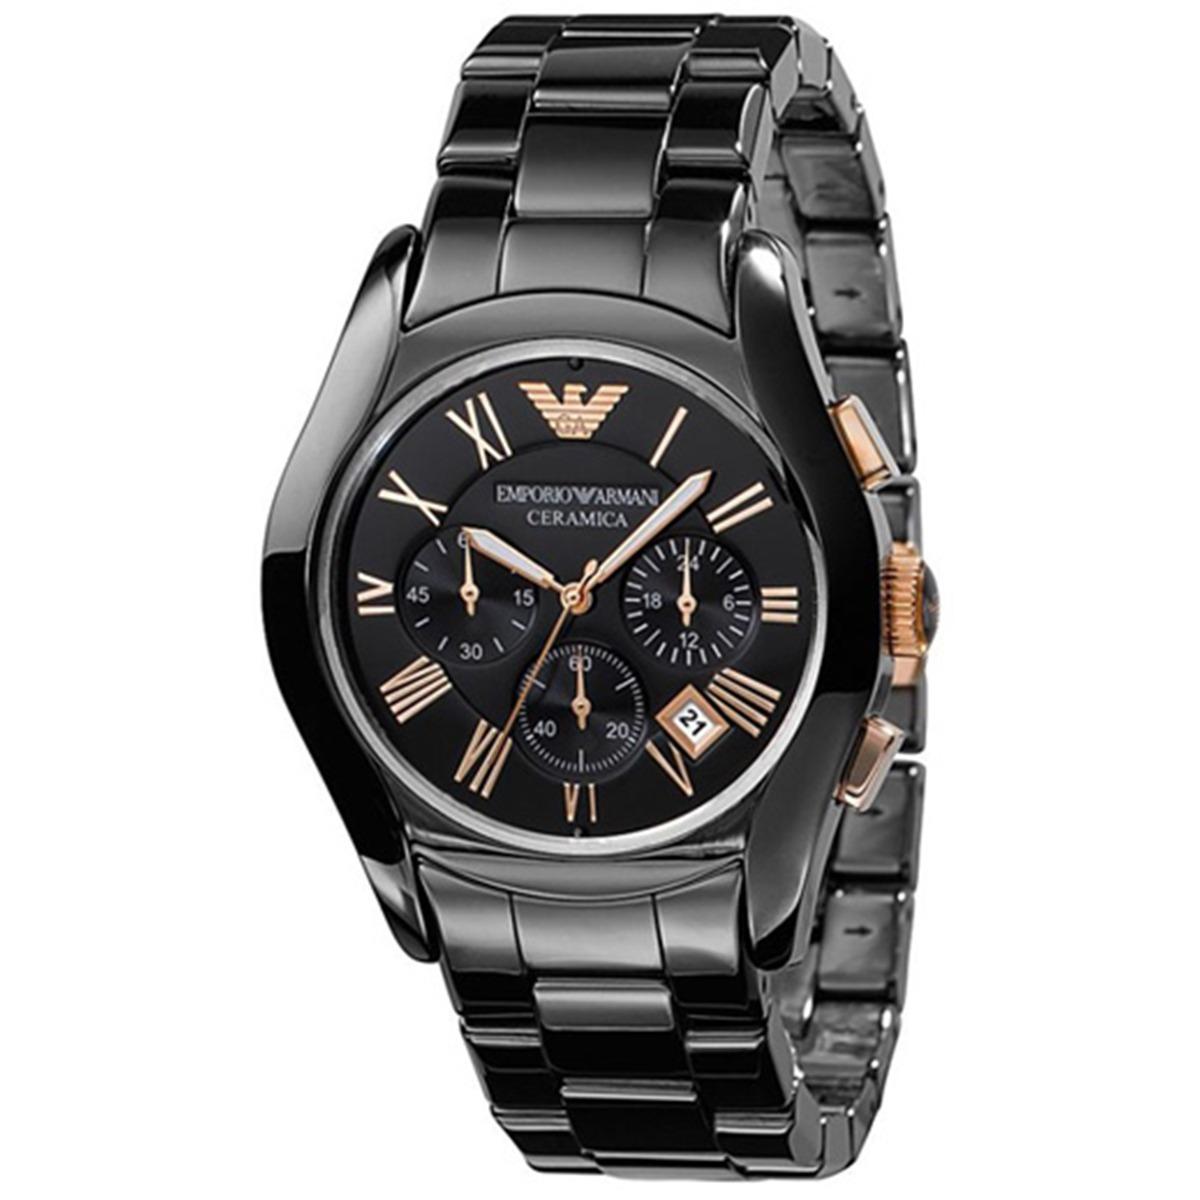 5a70f35101cc reloj emporio armani para hombre ar1410 negro cerámica de. Cargando zoom.